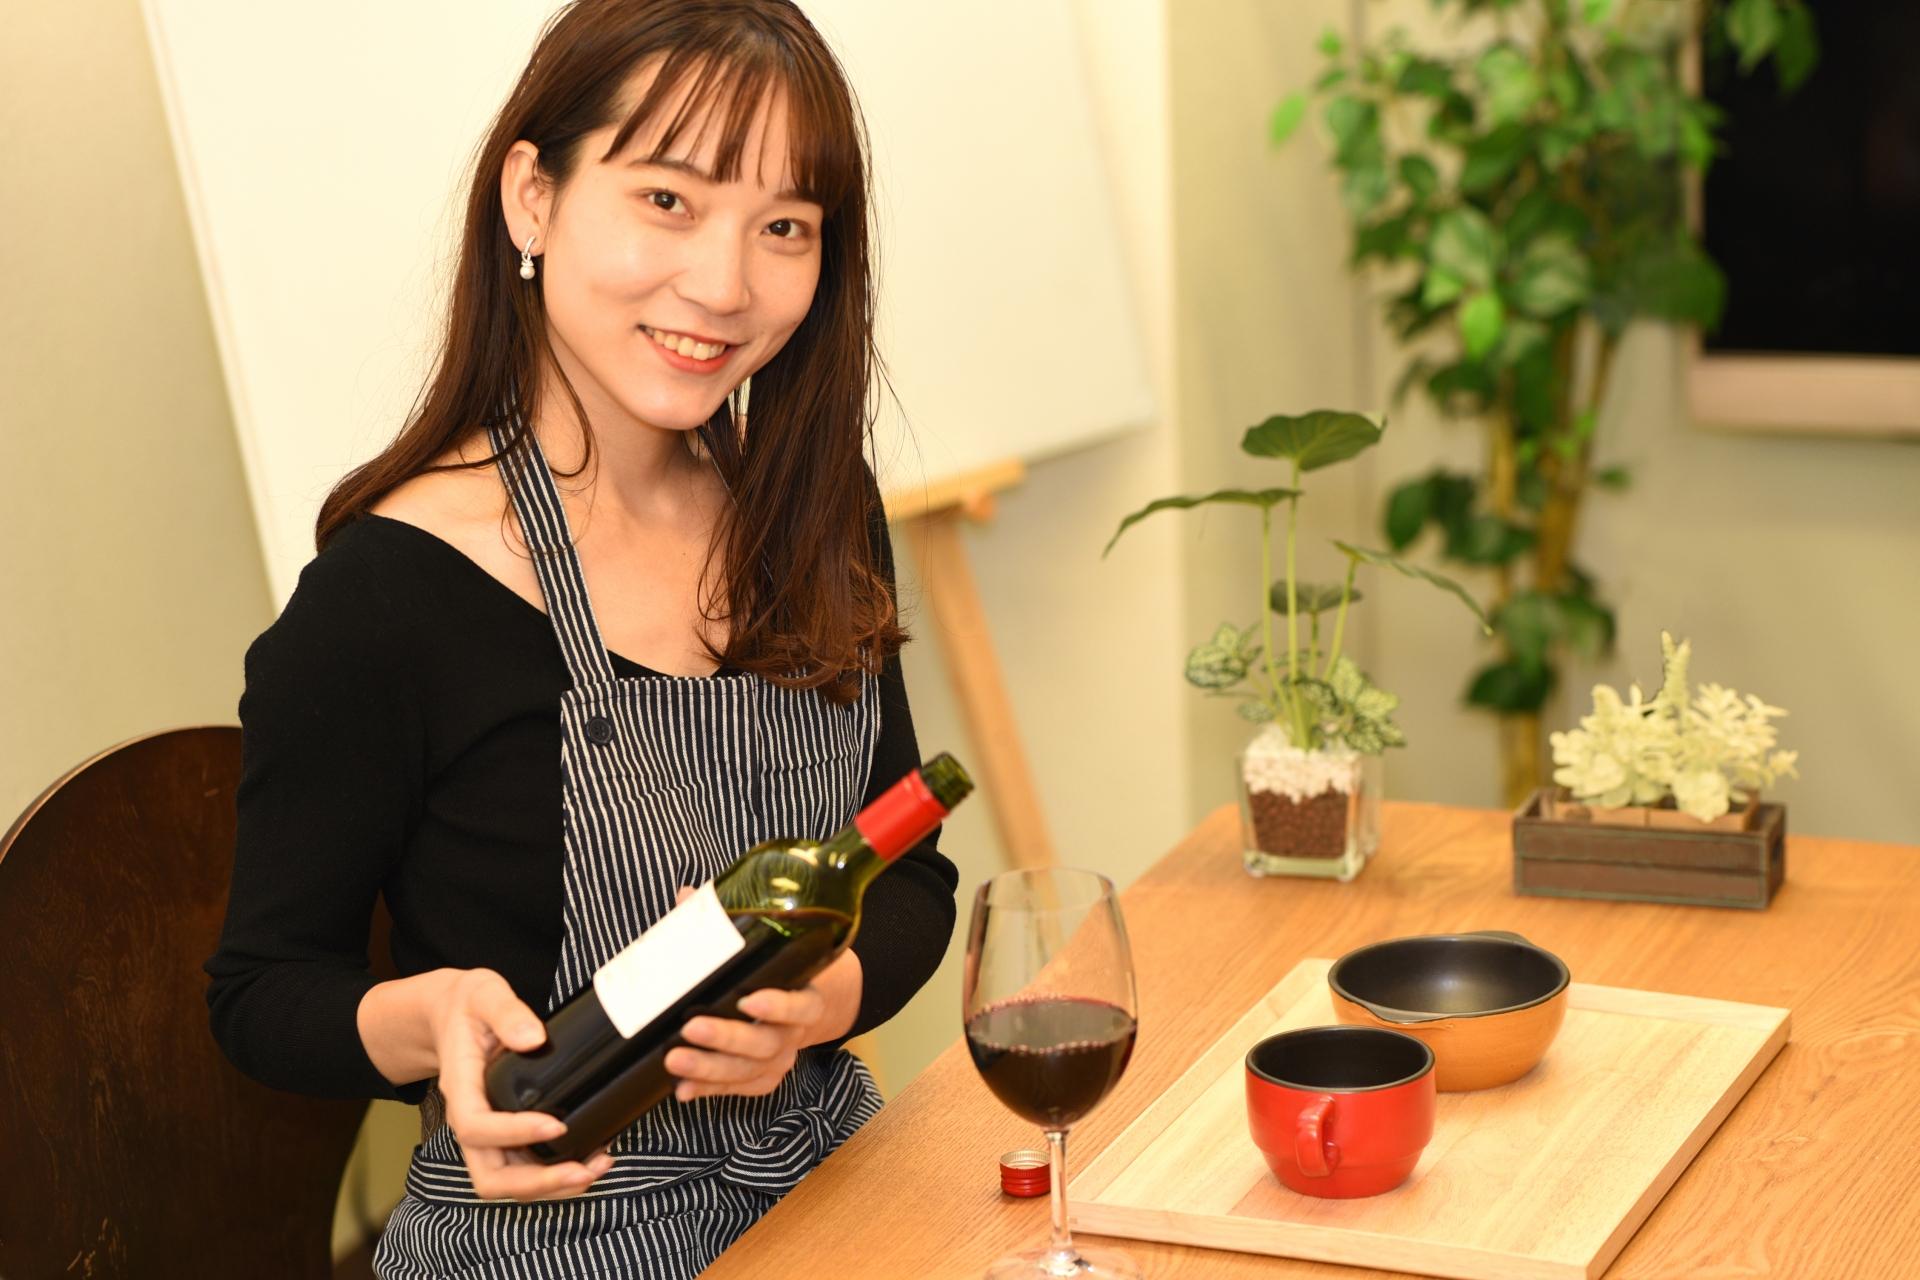 女性 ワイン